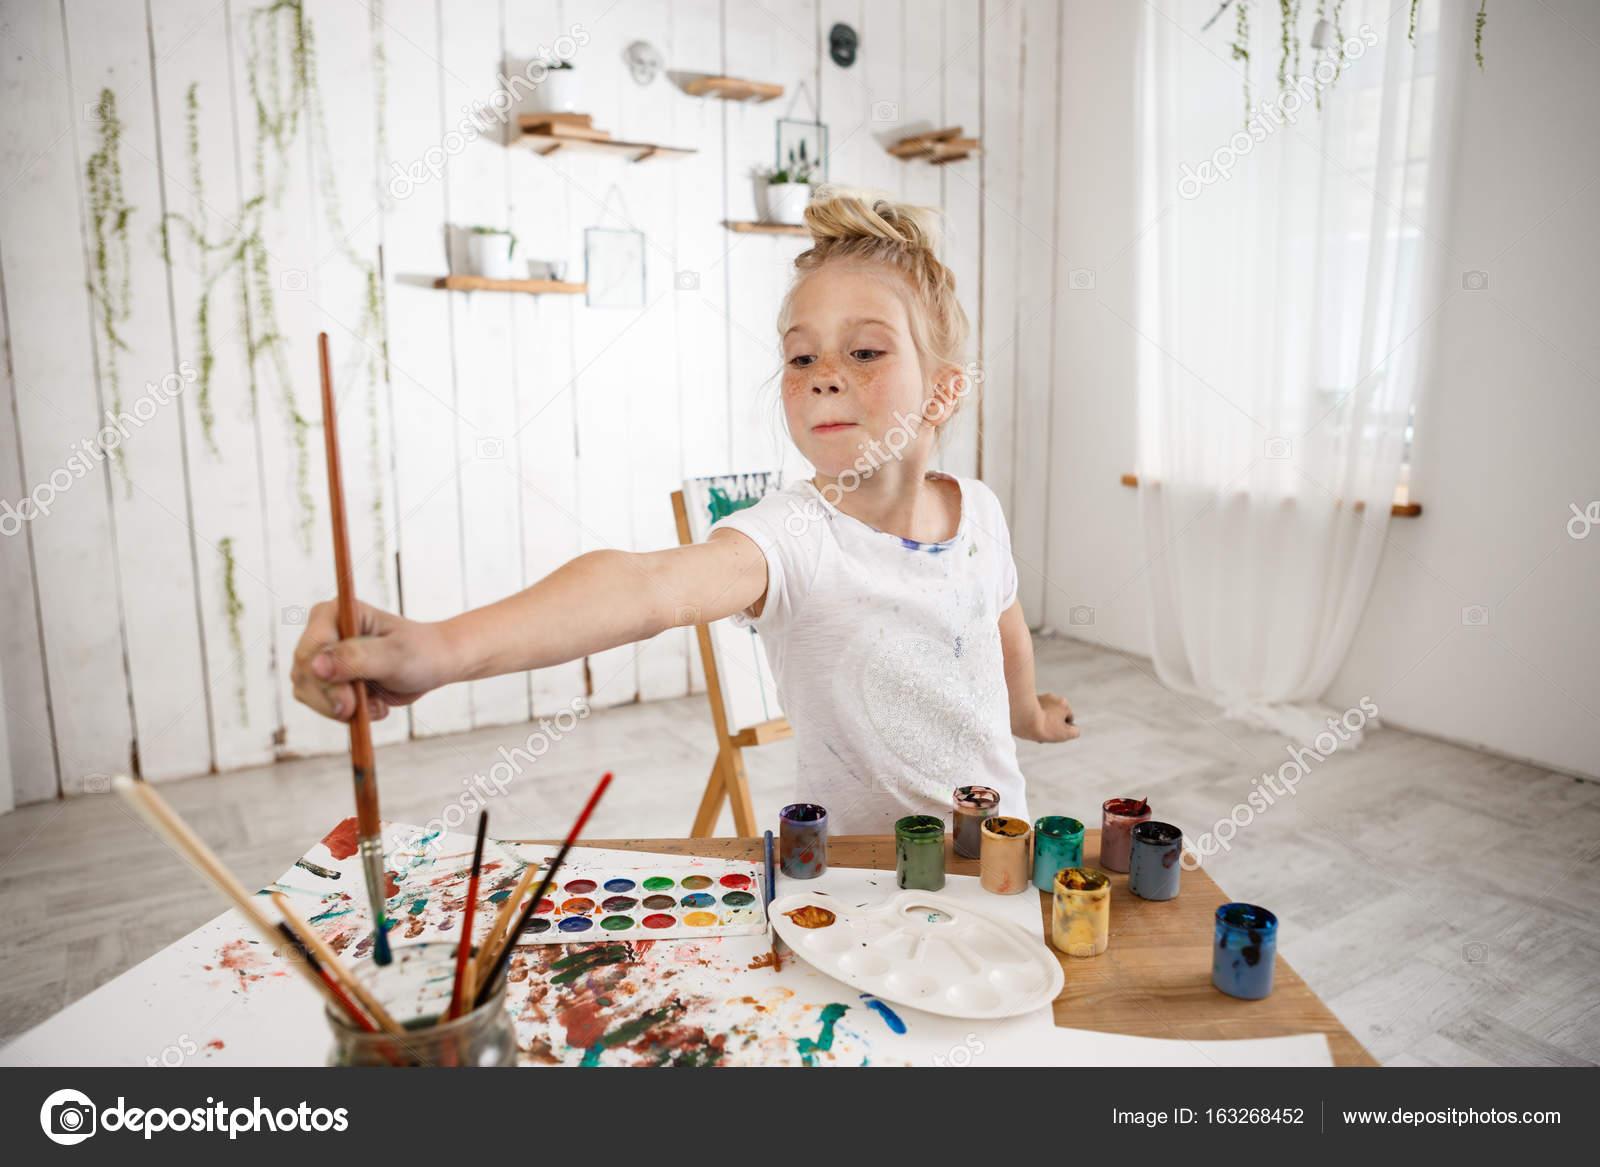 Caucasien adorable petite fille créative et talanted tenant un